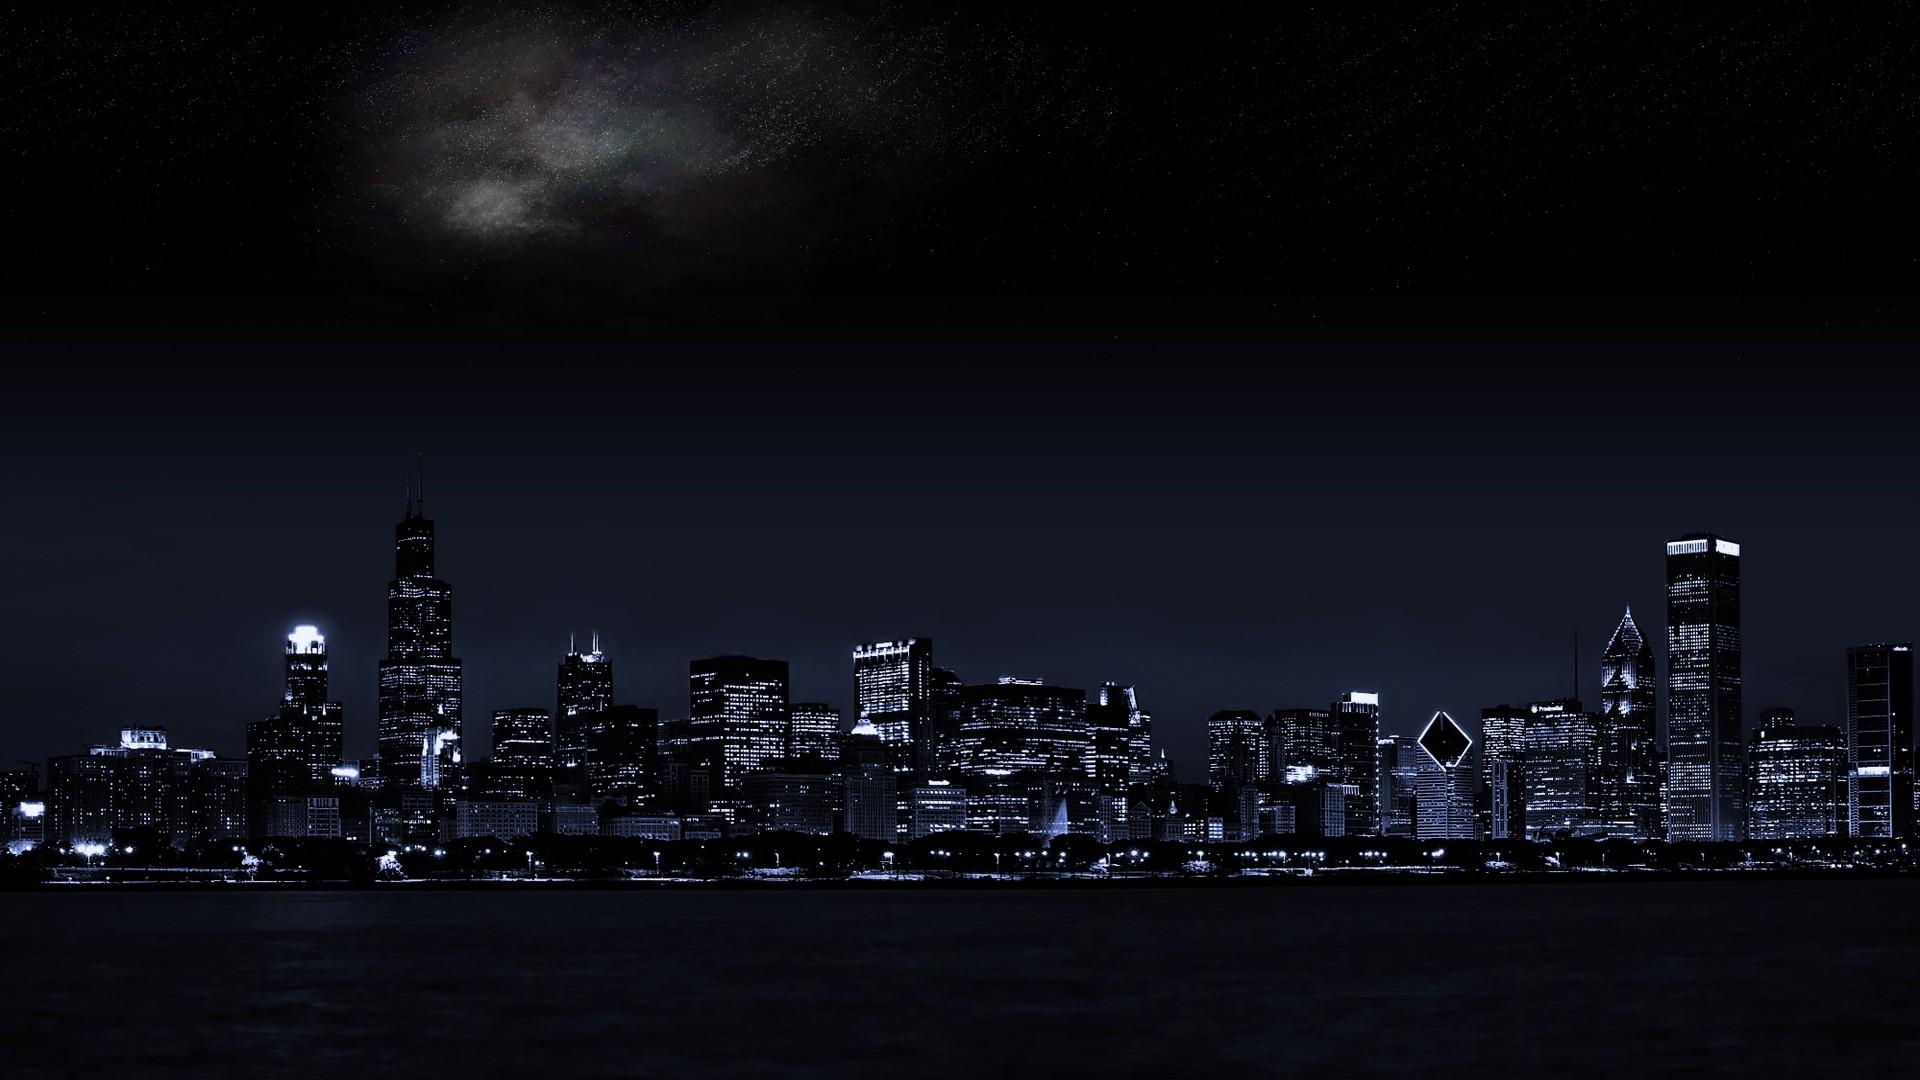 Dark City Wallpaper Download